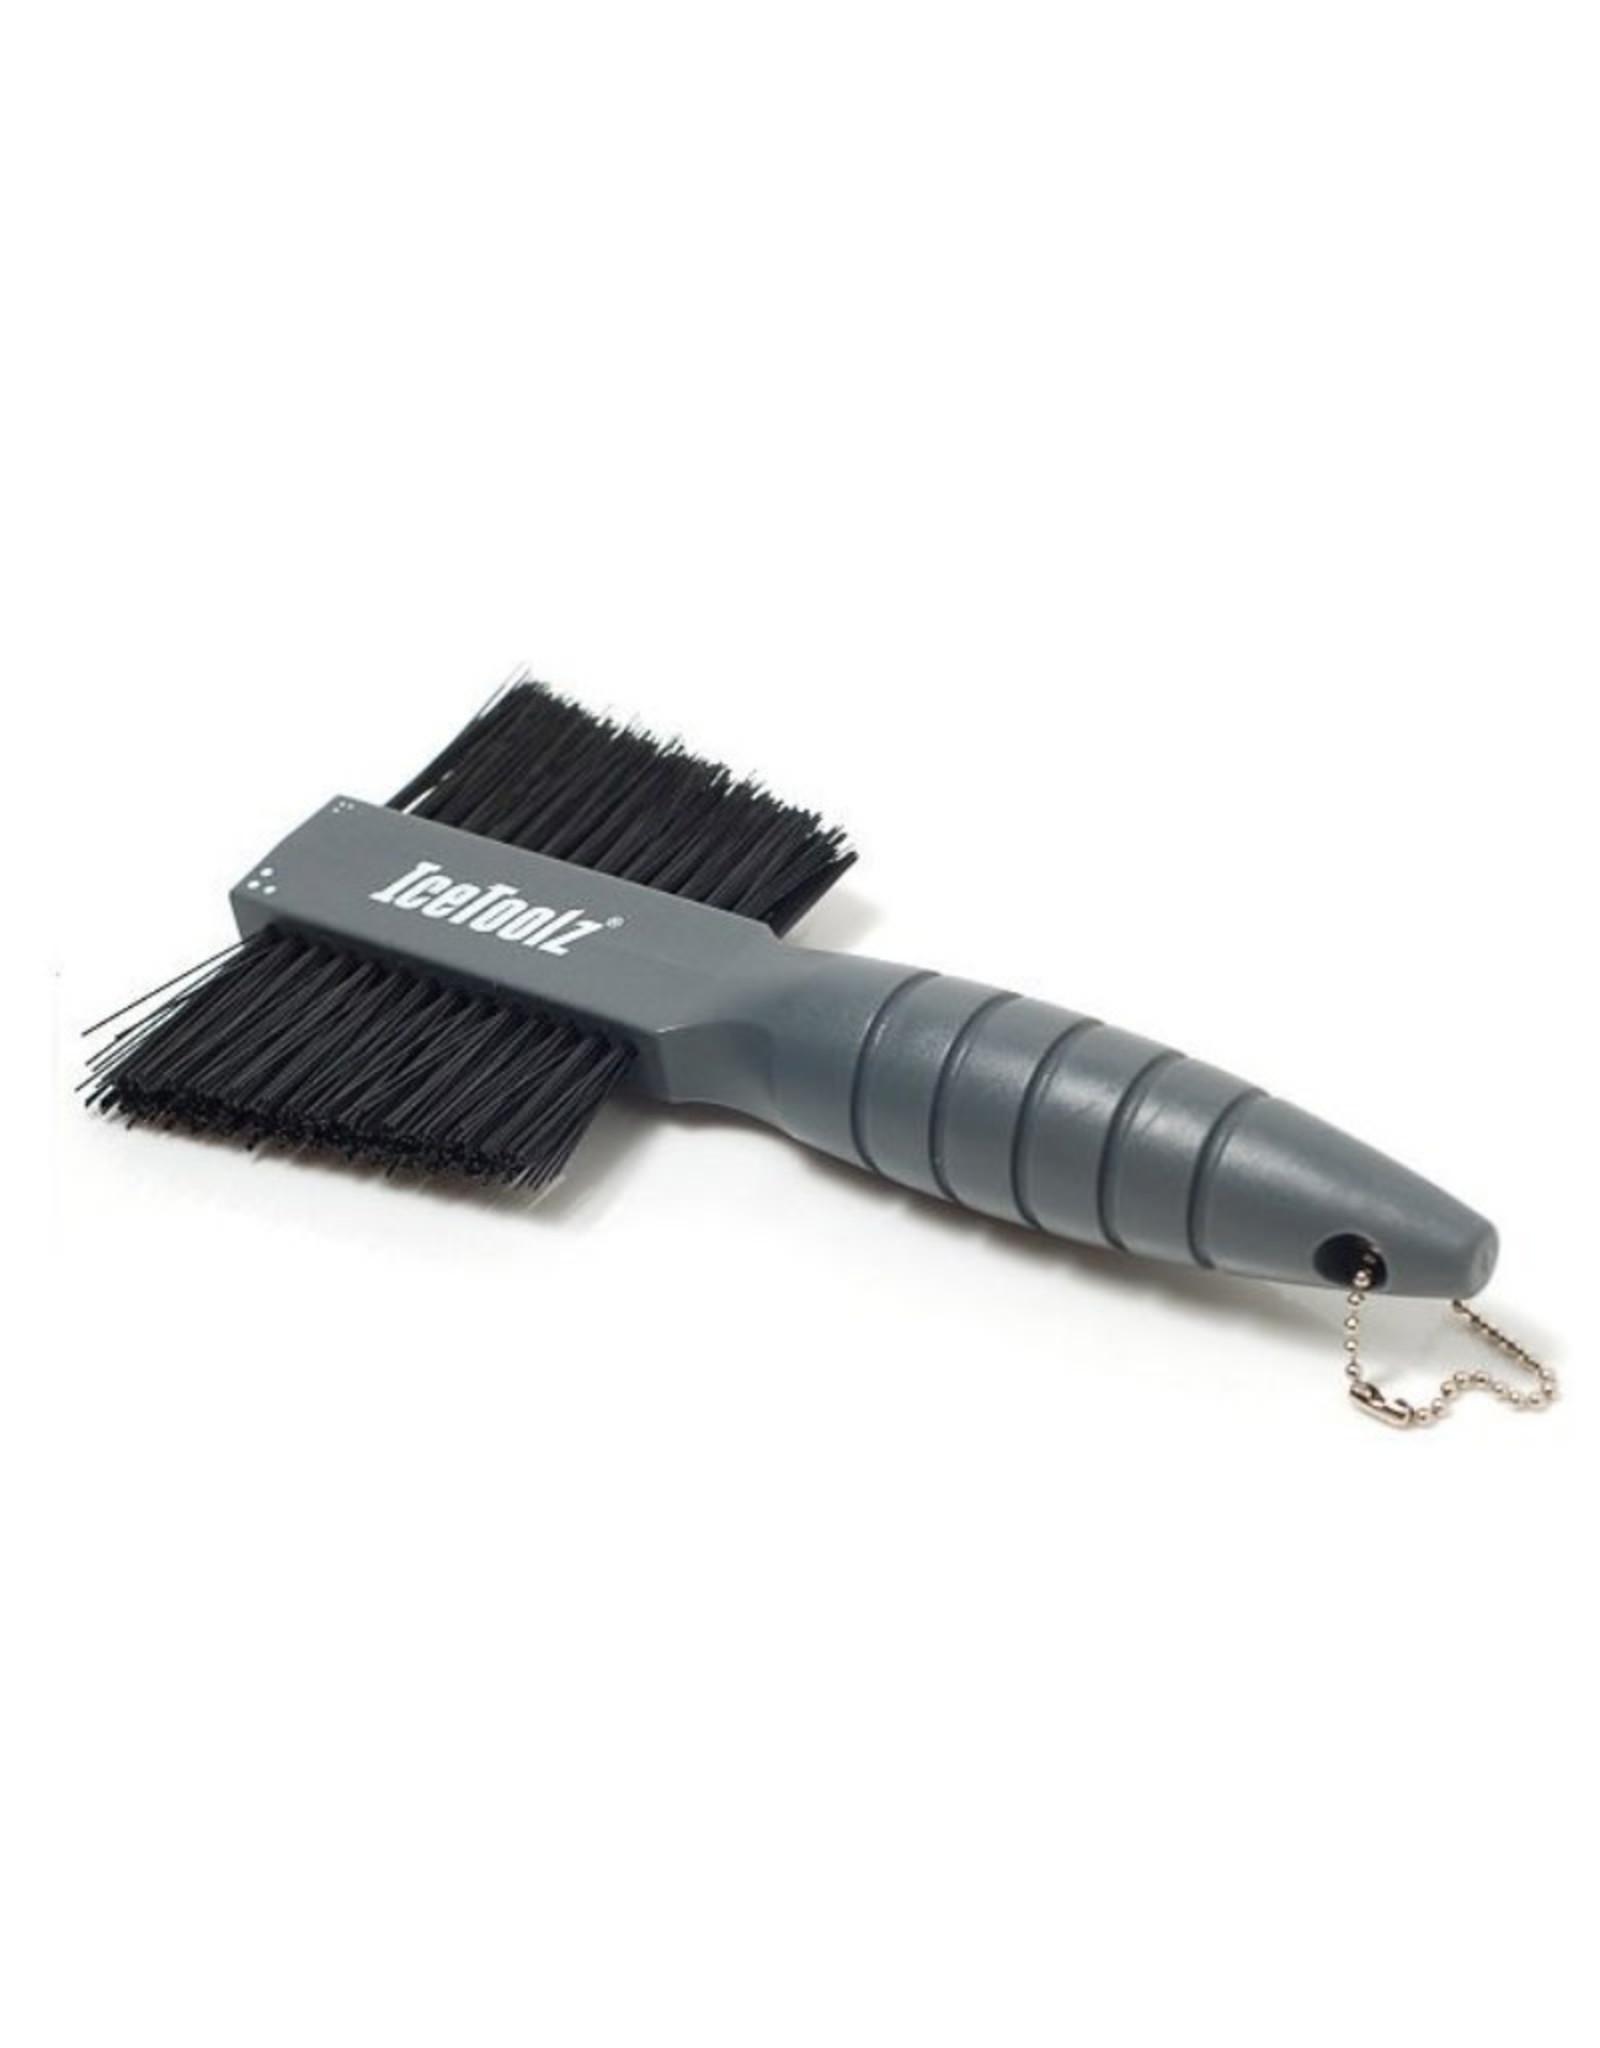 IceToolz Double brush Icetoolz cleaning